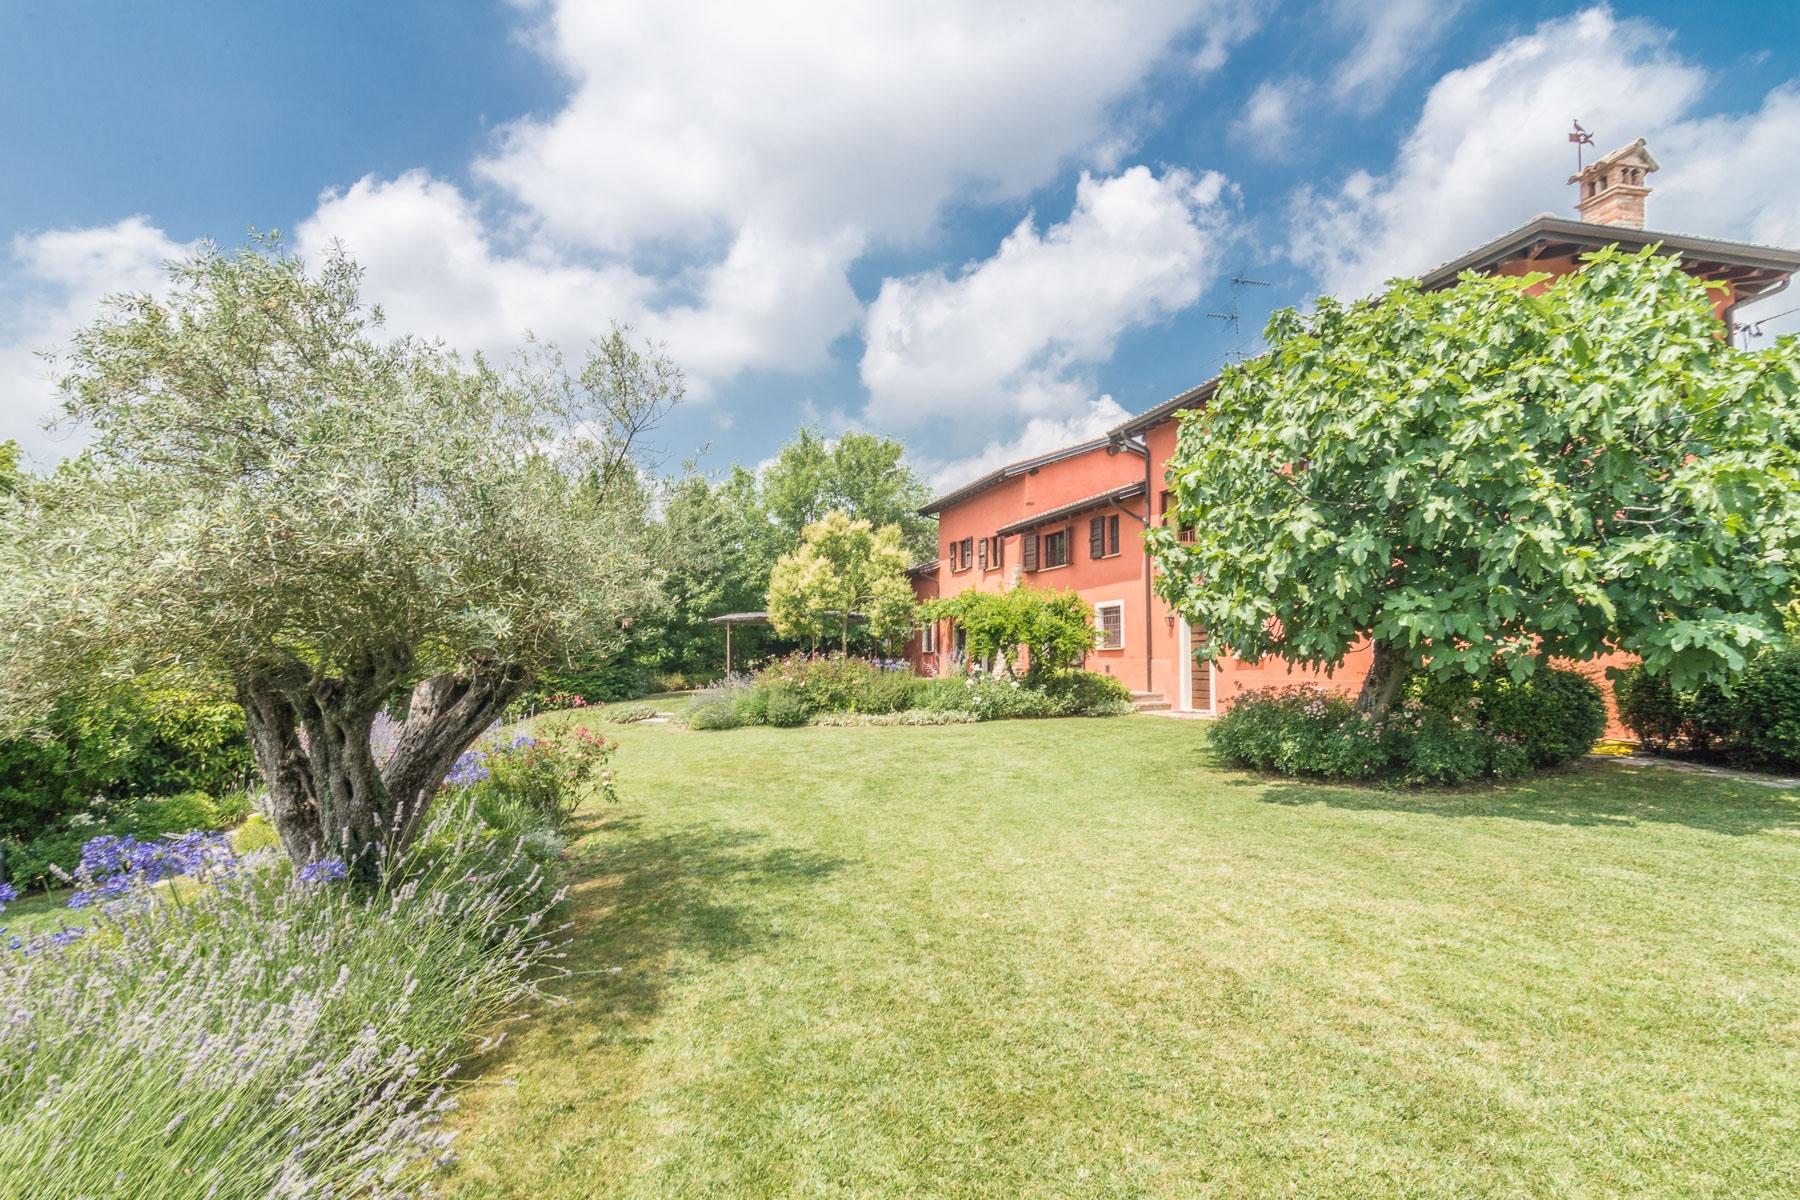 Casa indipendente in Vendita a Ziano Piacentino: 5 locali, 260 mq - Foto 29